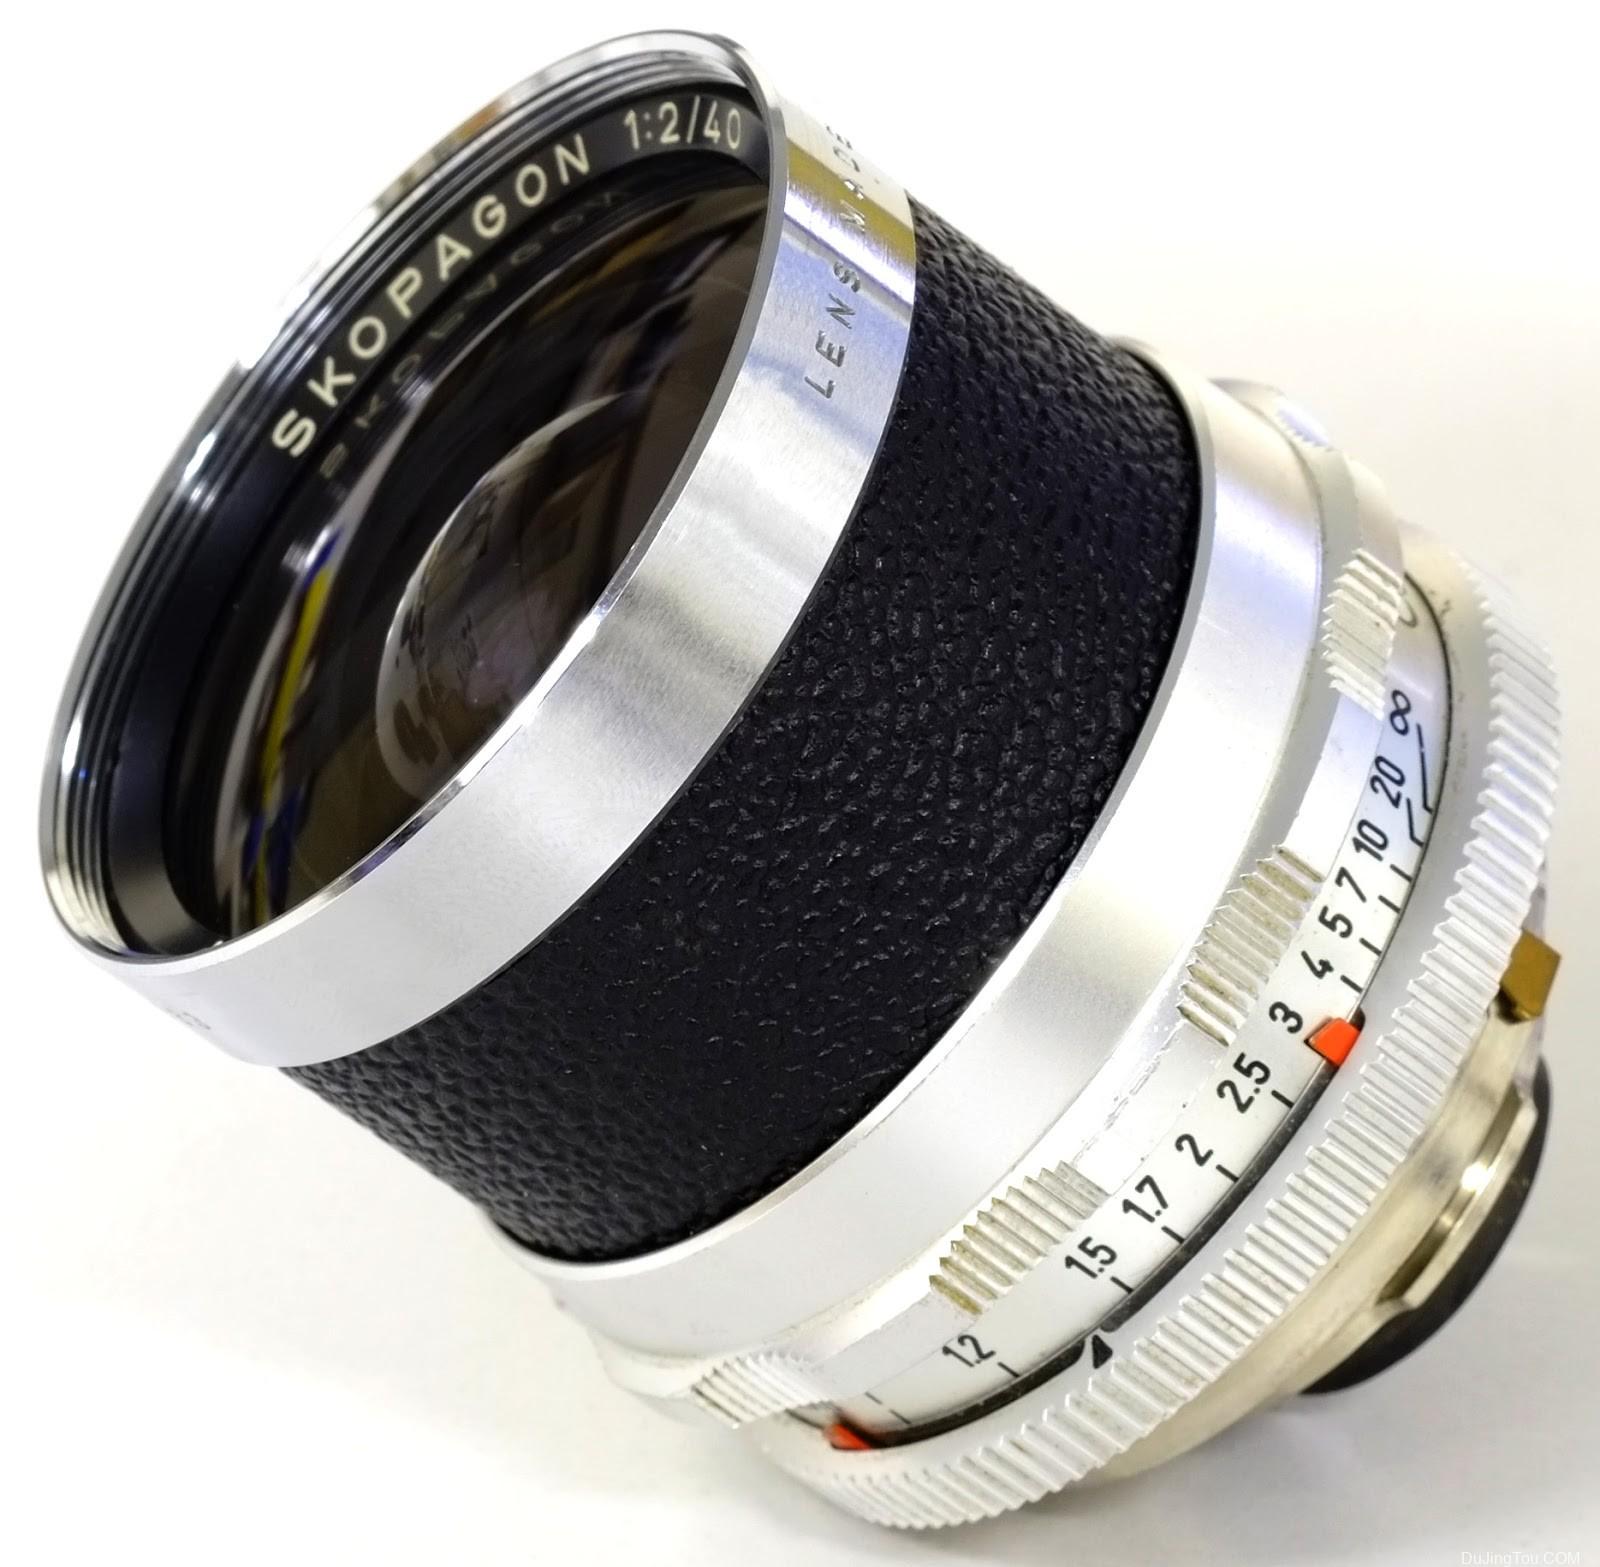 福伦达 Voigtländer SKOPAGON 40mm F2(DKL)镜头资料镜头测试及样片